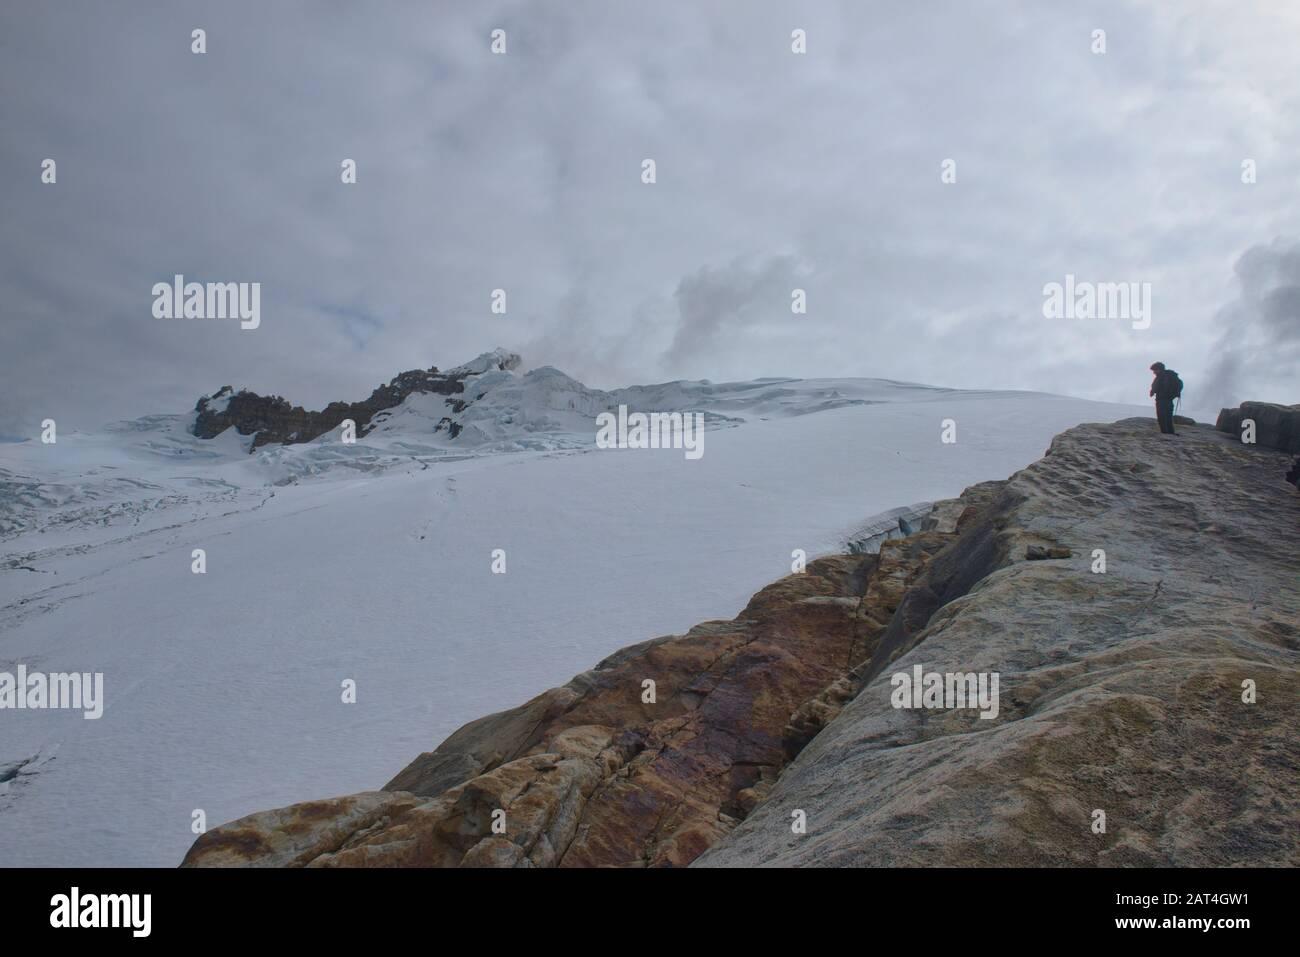 Grimpeur Surplombant Le Glacier Ritacuba, Le Parc National El Cocuy, Boyaca, Colombie Banque D'Images